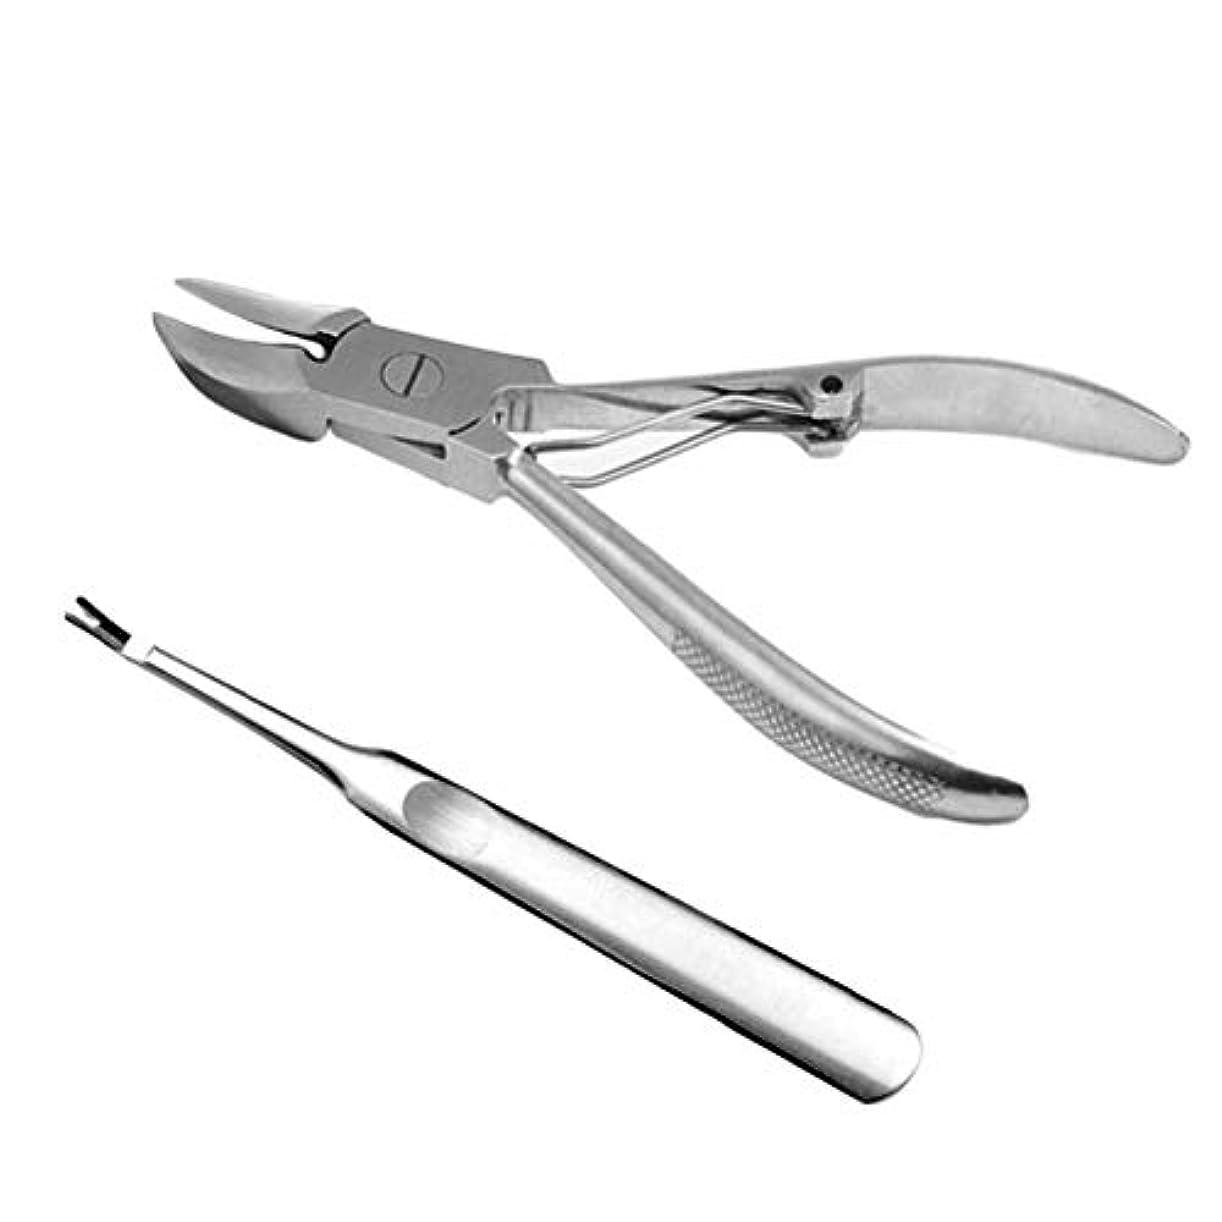 登録セール暗殺するBeaupretty キューティクルリムーバーステンレス鋼スキンプライヤーネイルニッパーバリカンカッターペディキュアツール爪の爪足の爪2ピース